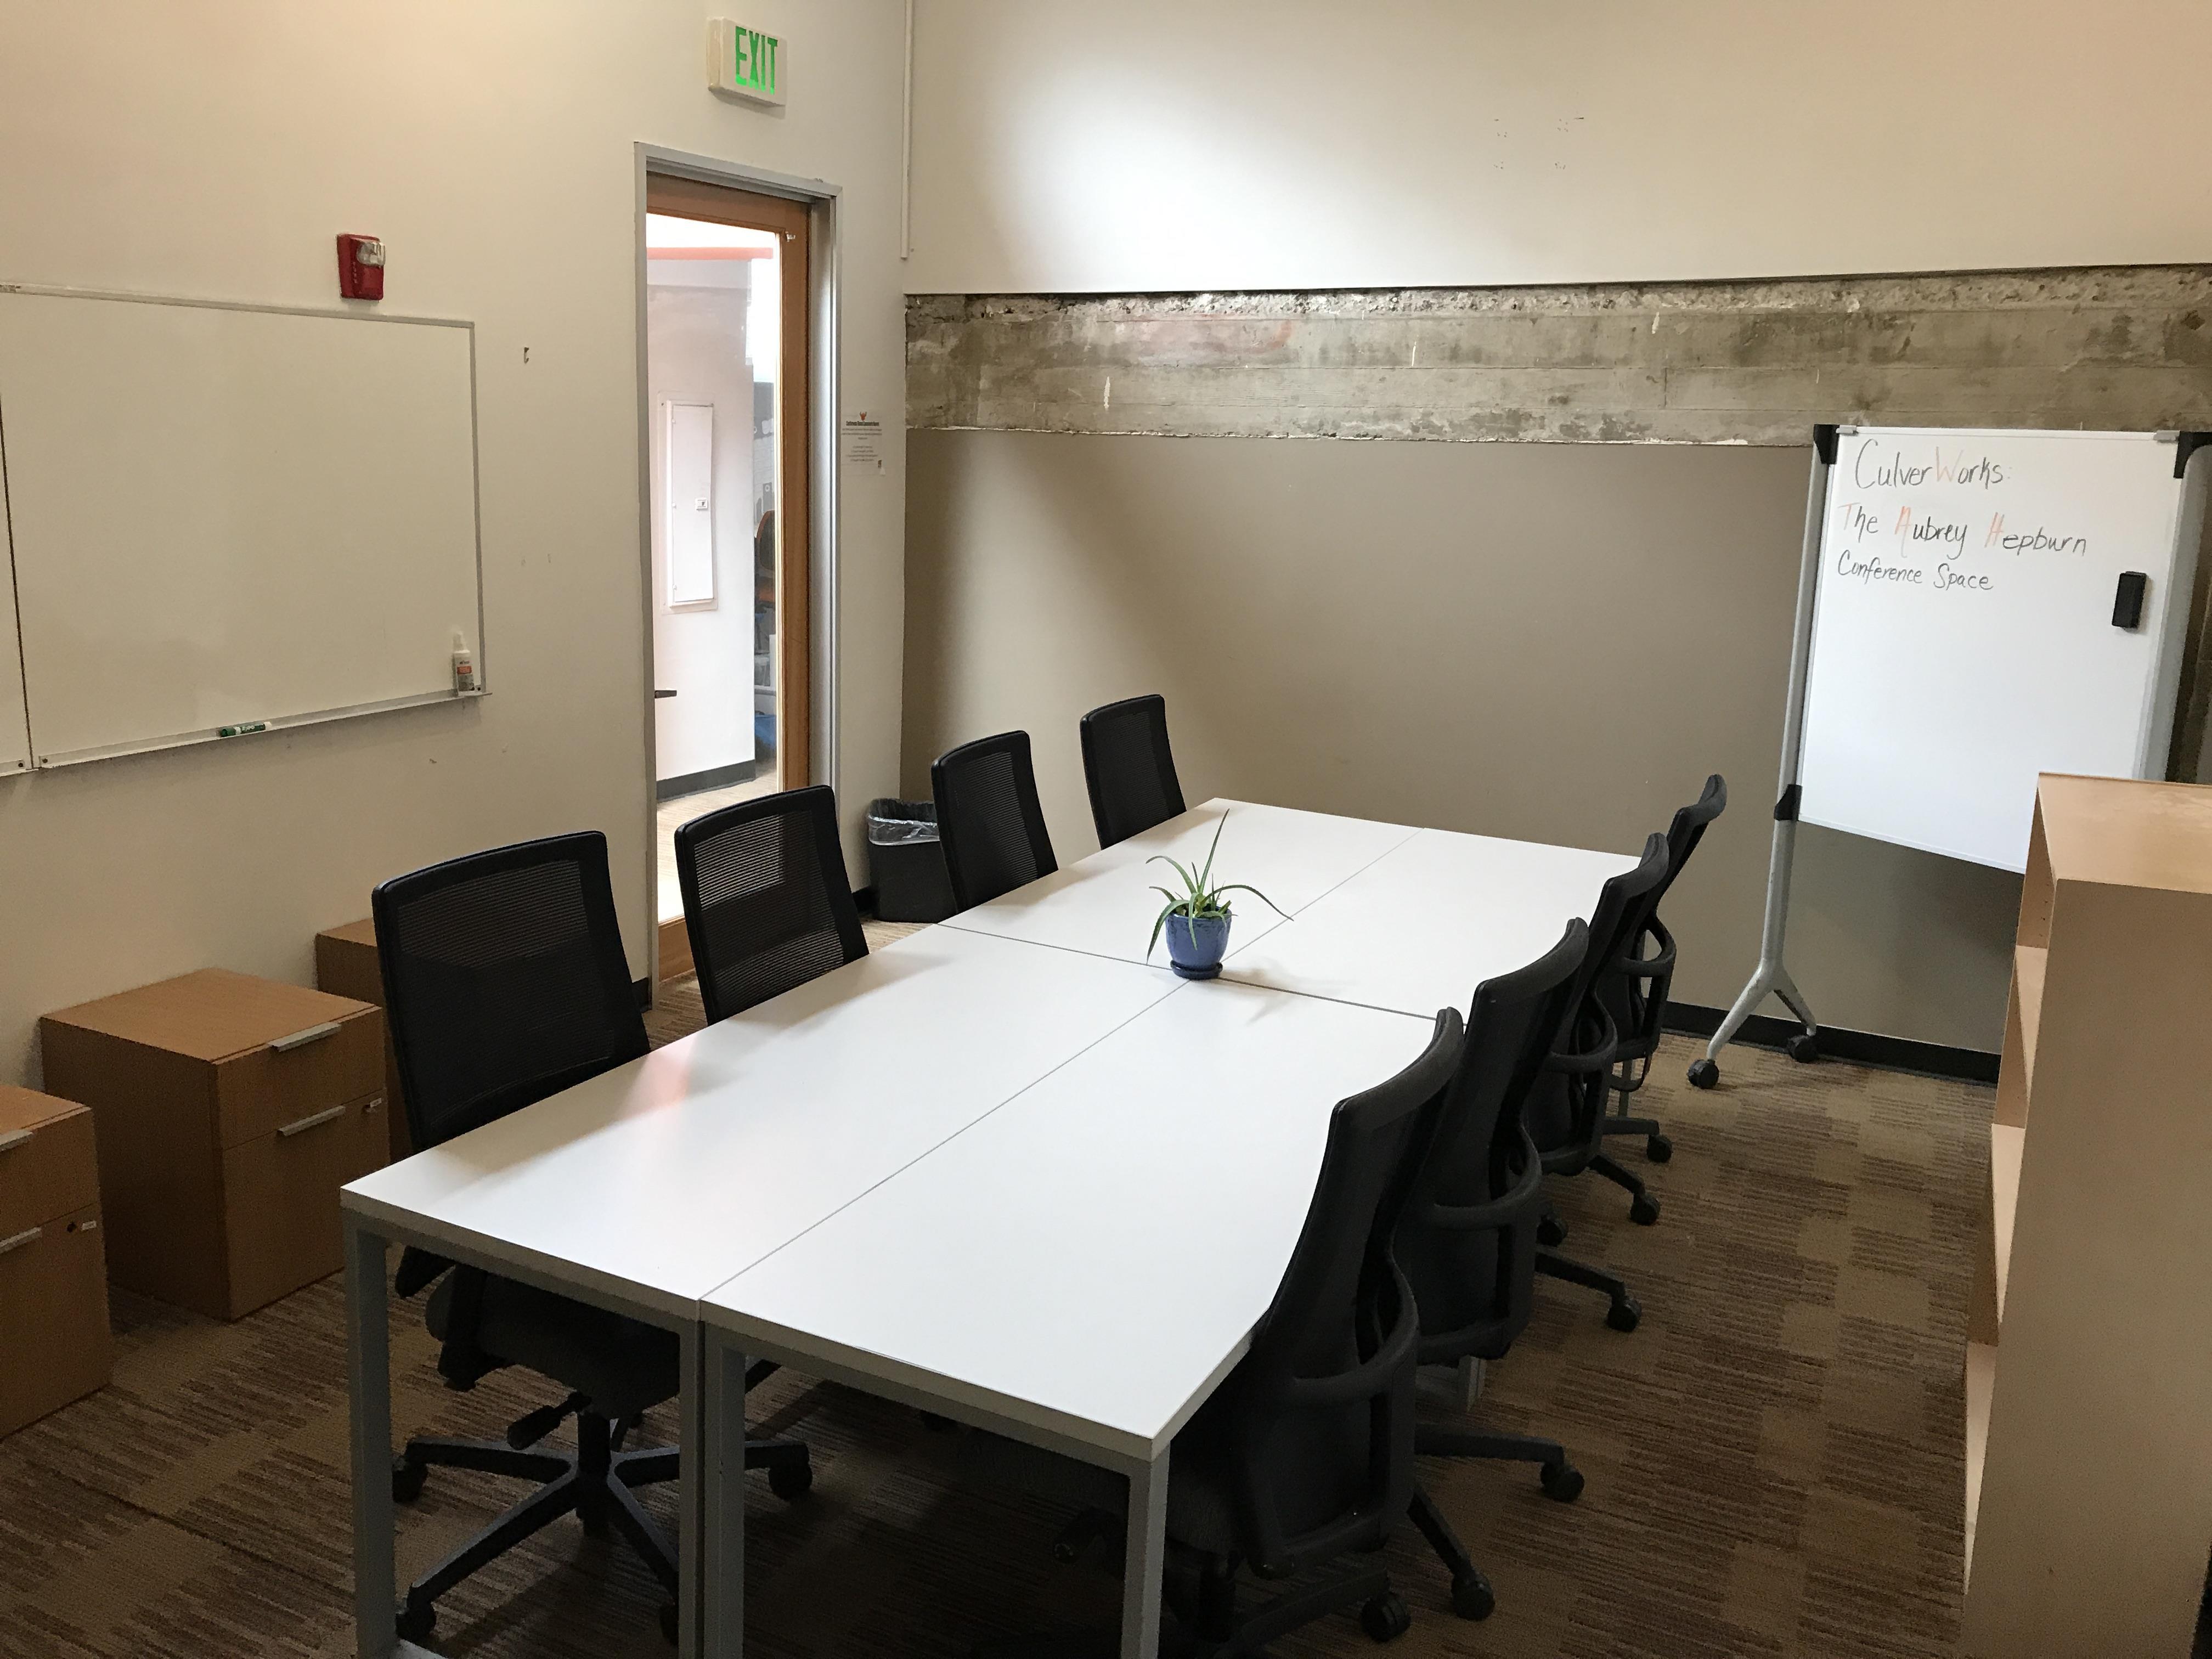 CulverWorks - Meeting Room (The Audrey Hepburn)